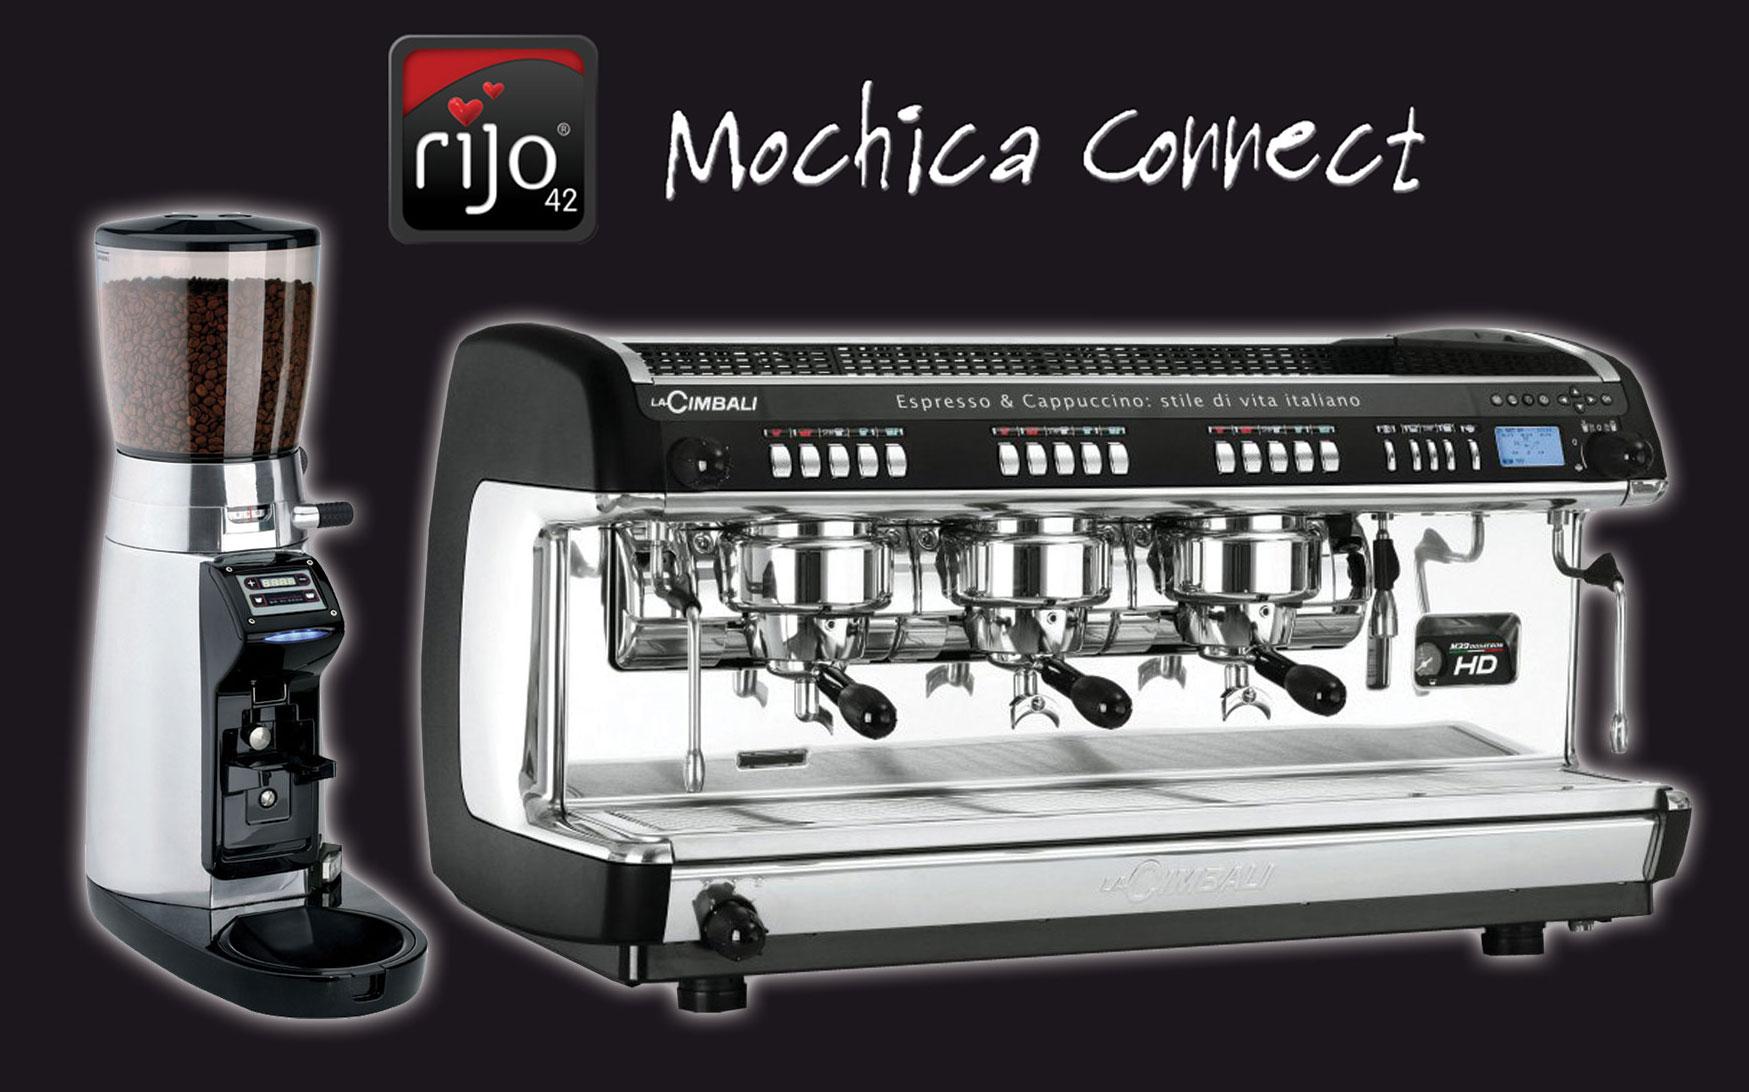 rijo42 Mochica Connect